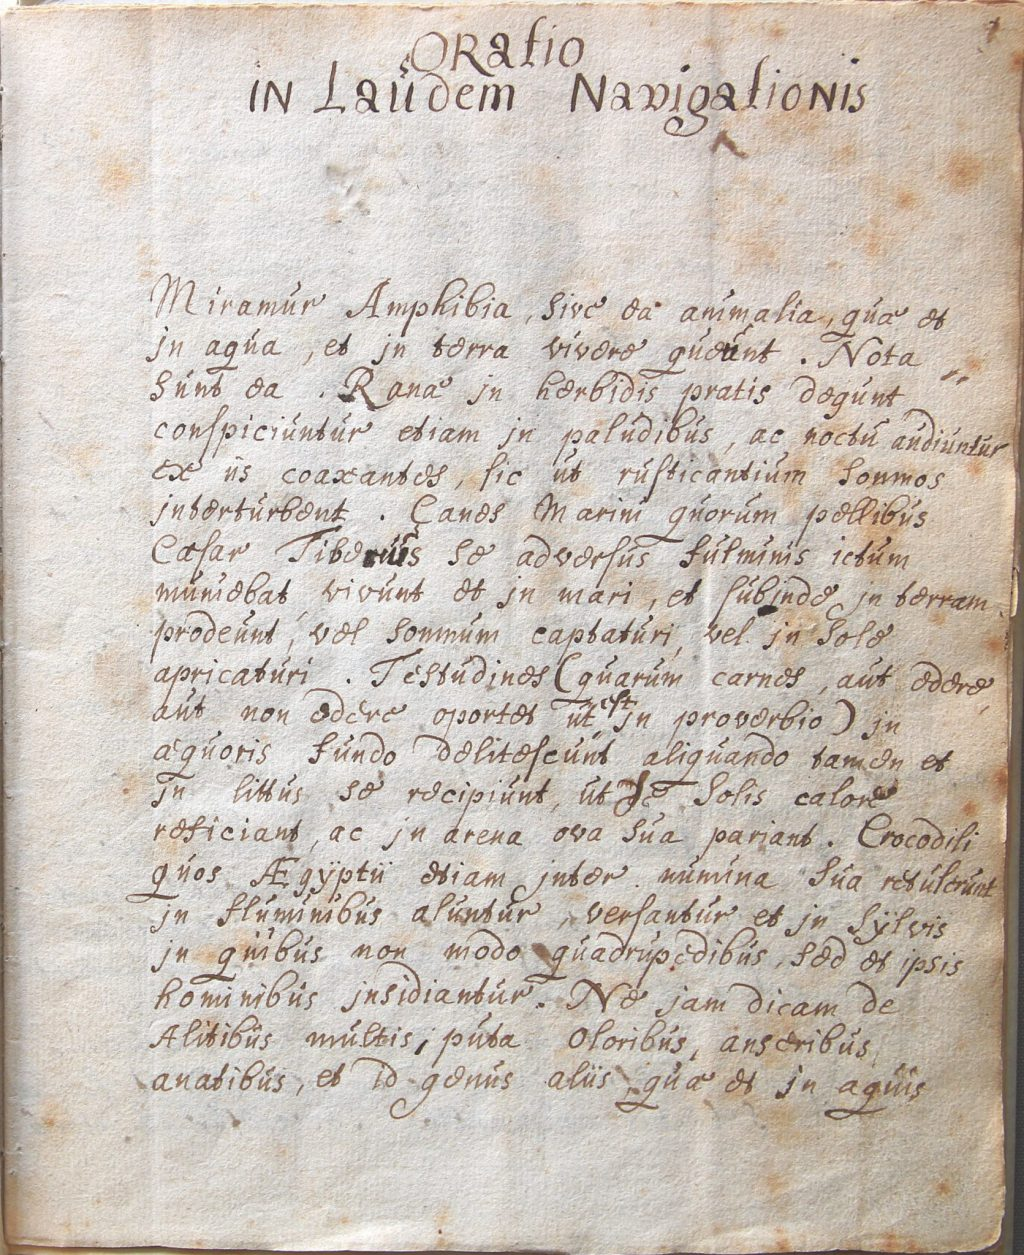 De oratie waarmee Hugo de Groot omstreeks 1591 de Latijnse School afsloot (Archief 598, inv.nr 596)